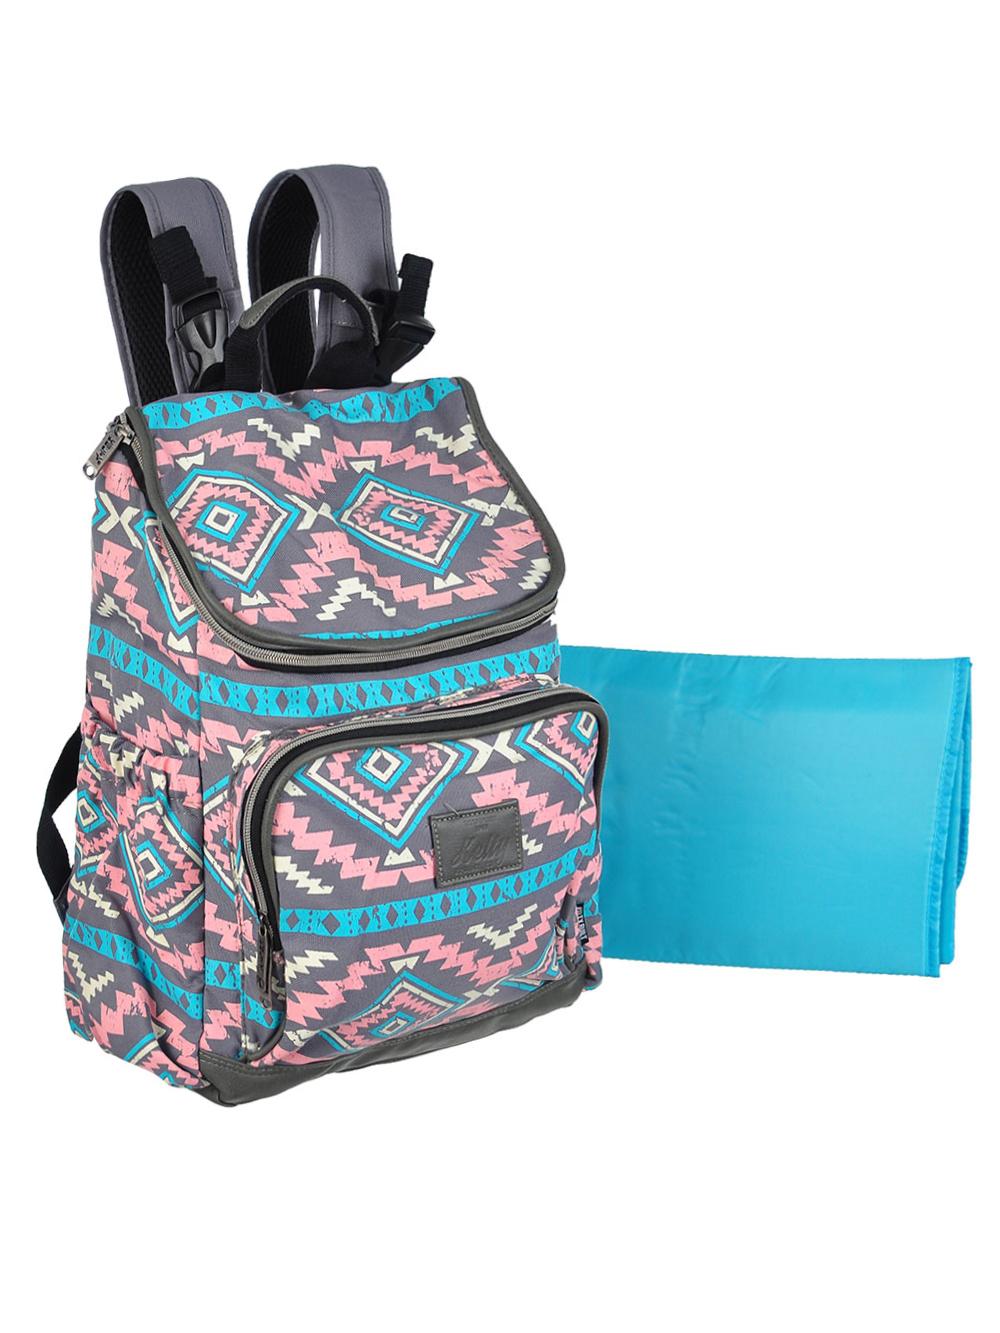 93199879518 Kelty Backpack Diaper Bag